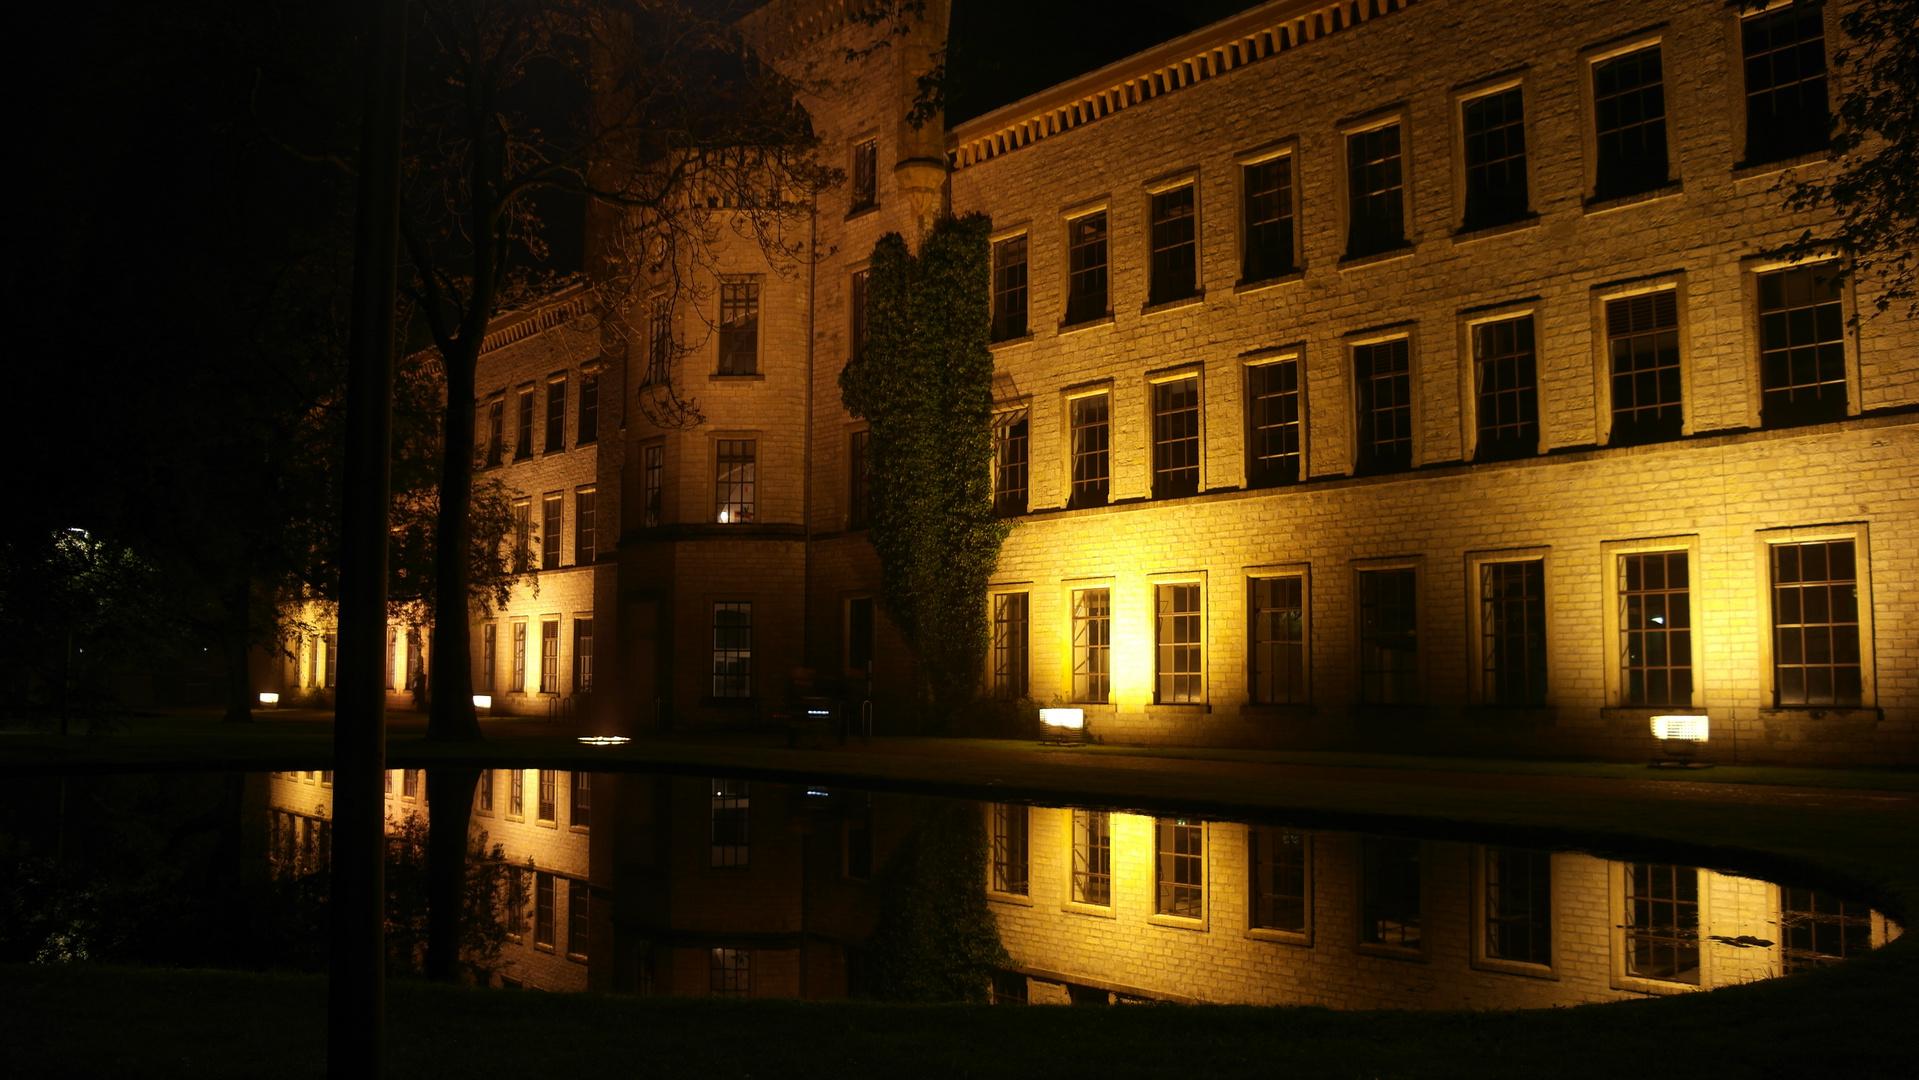 Spiegelbild bei Nacht